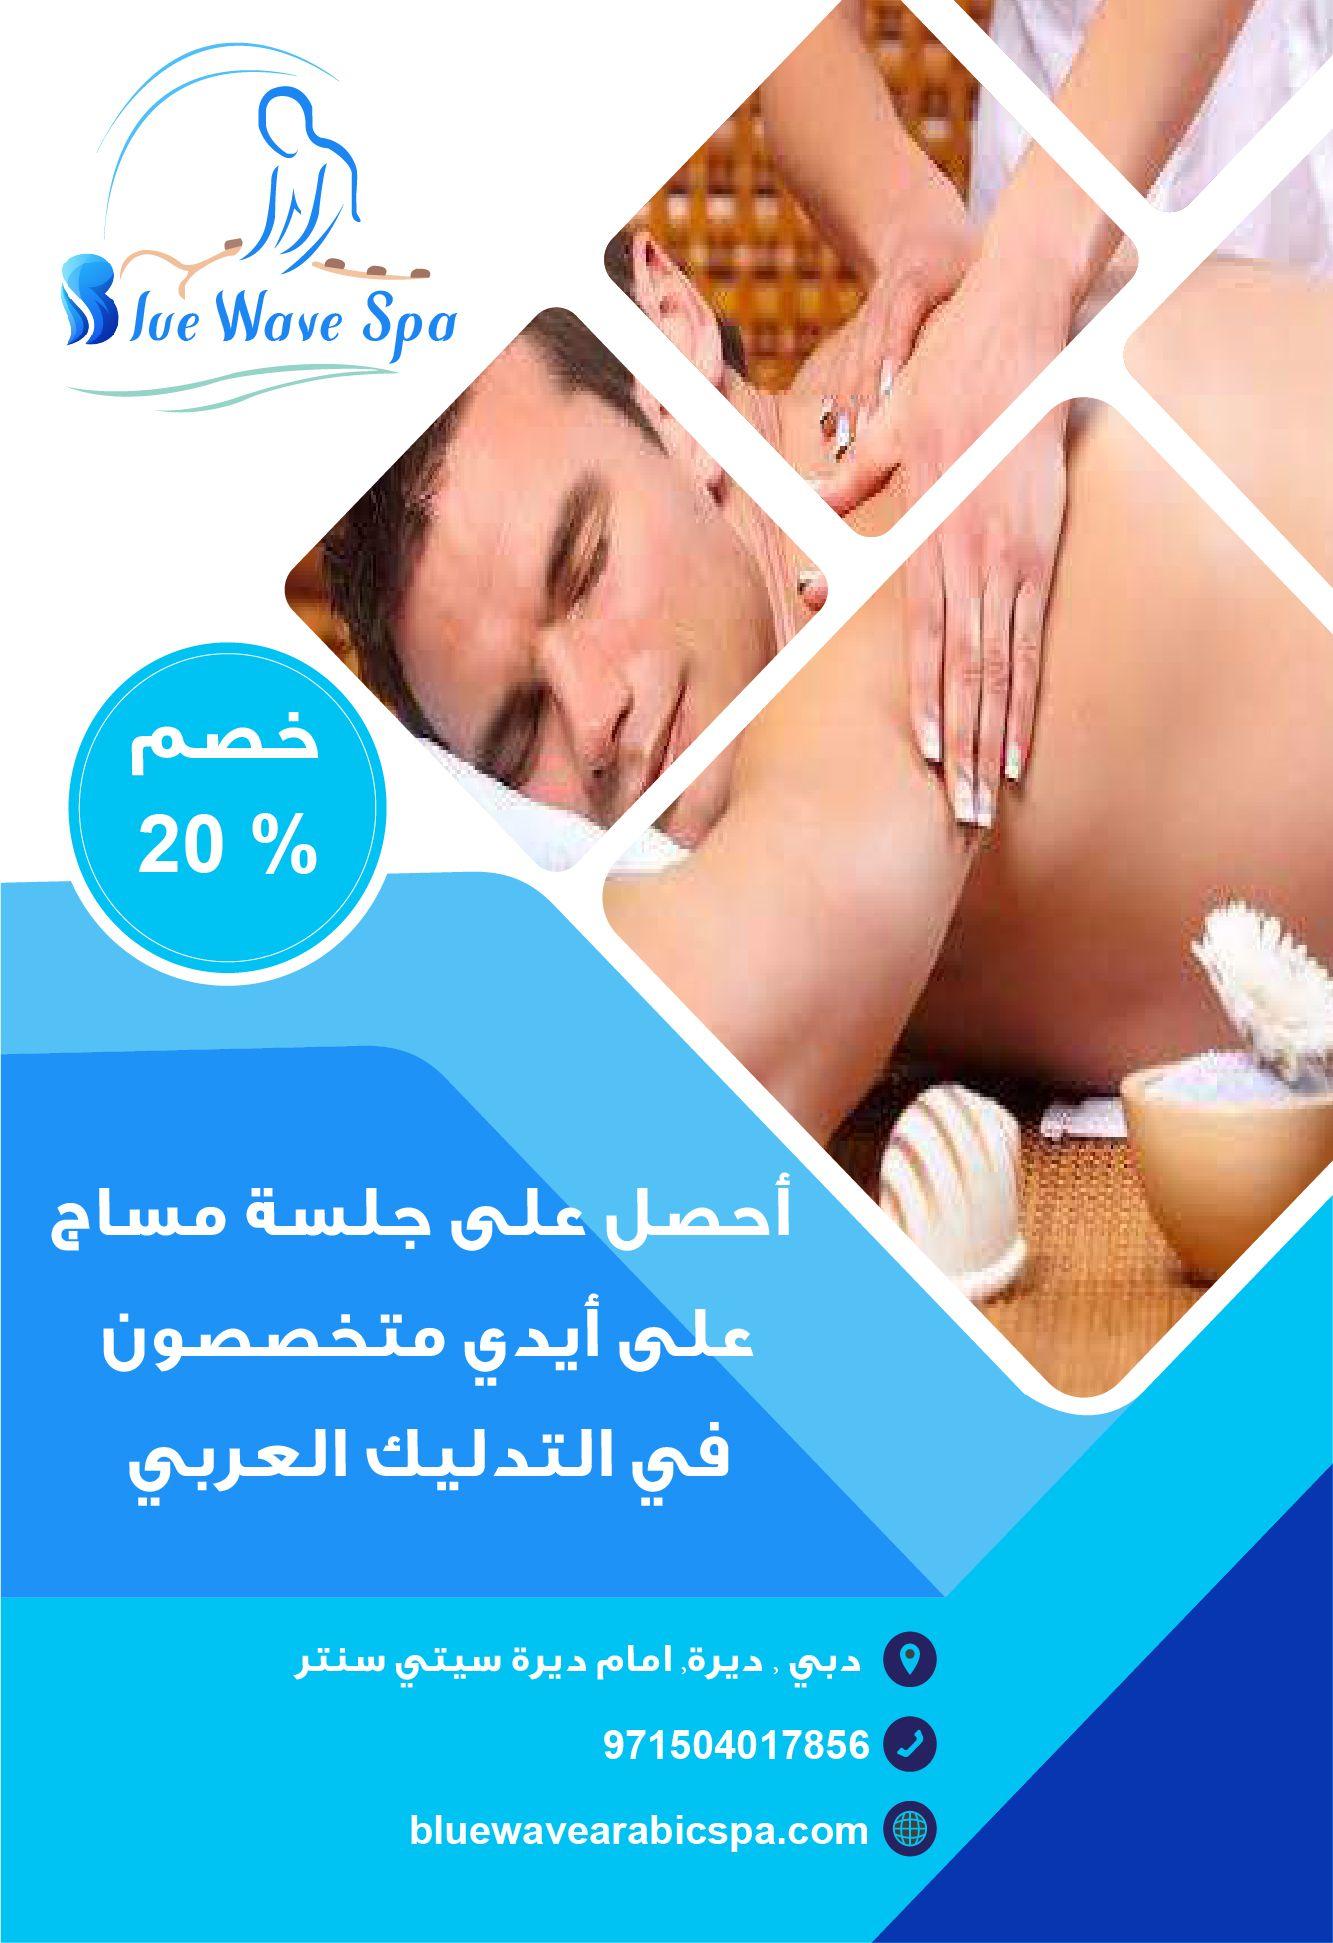 استمتع بمساج كامل للجسم على أيد متخصصون من العرب Massage Center Body Massage Salon Services